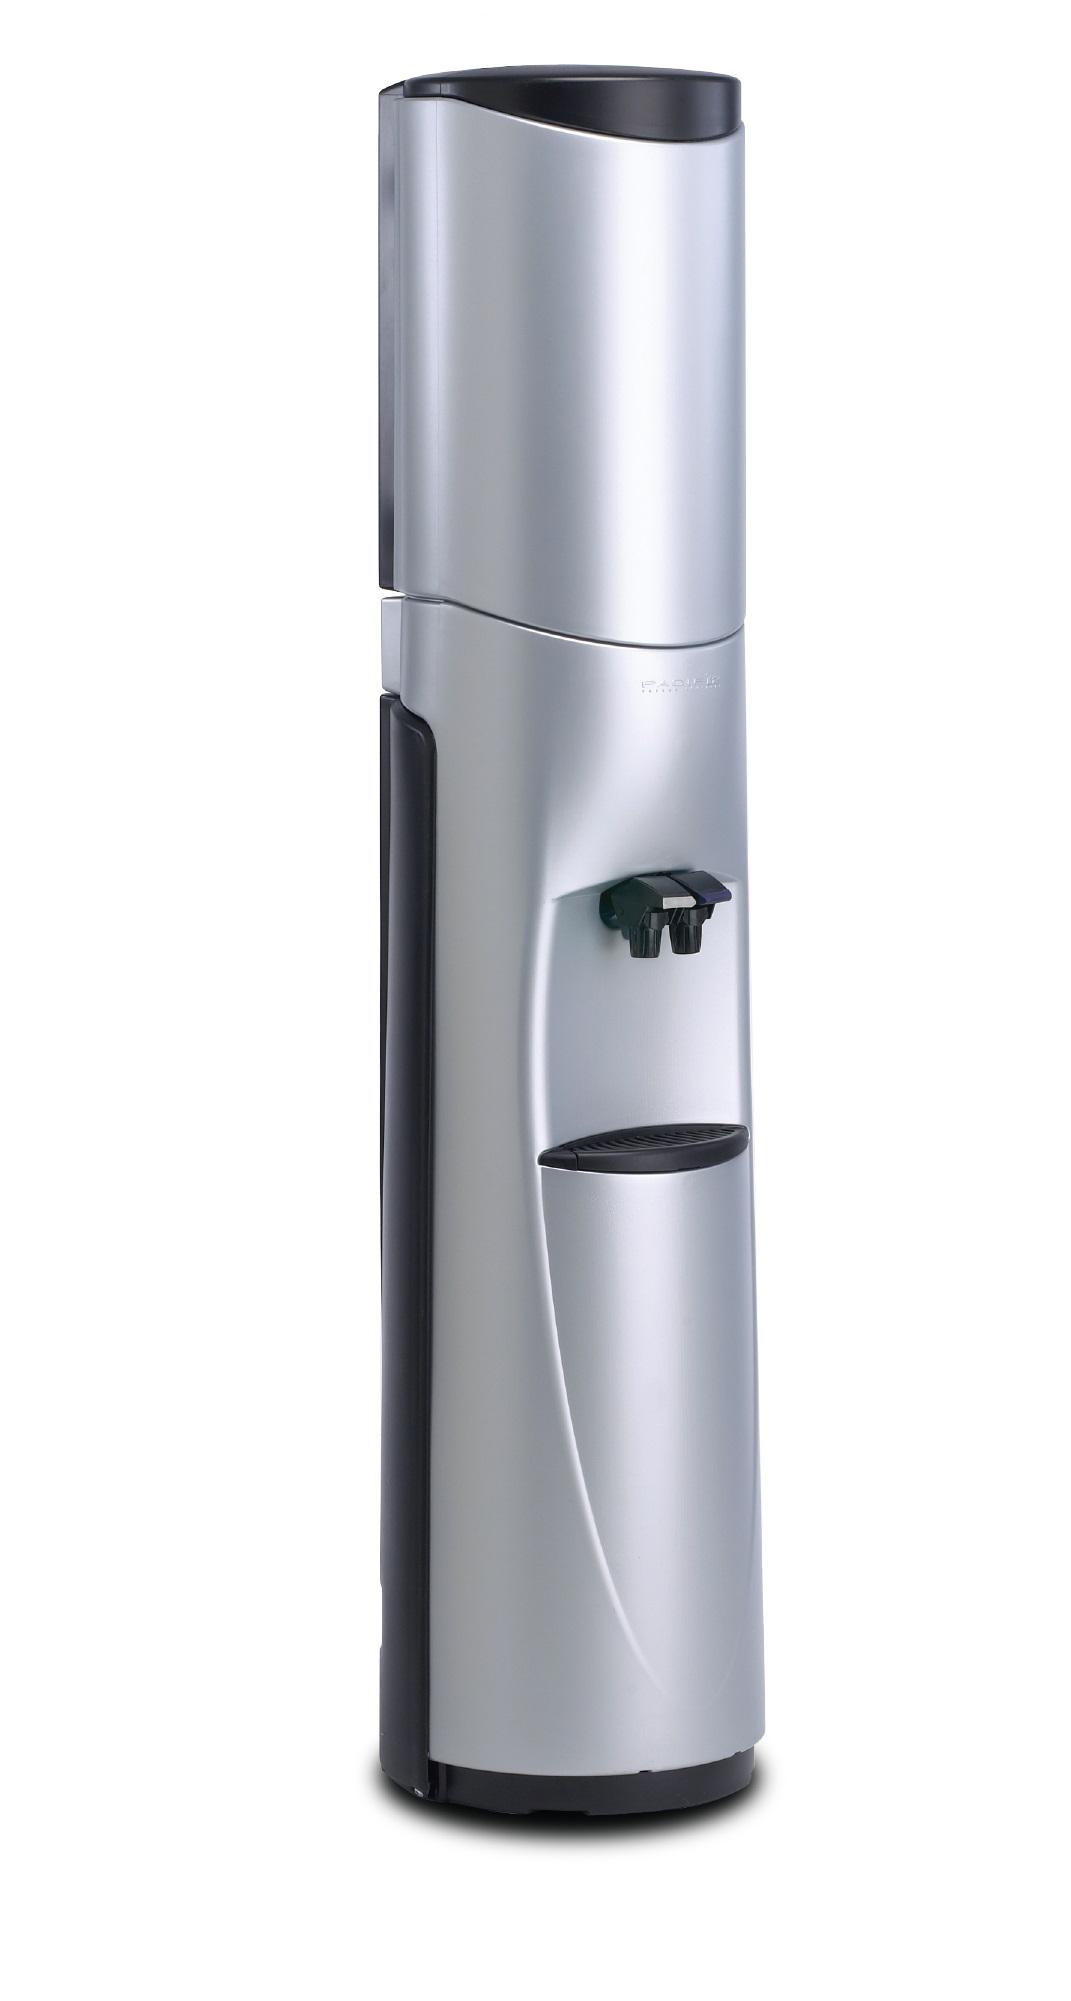 Pacifik Bottleless Cooler Free Standing Water Cooler